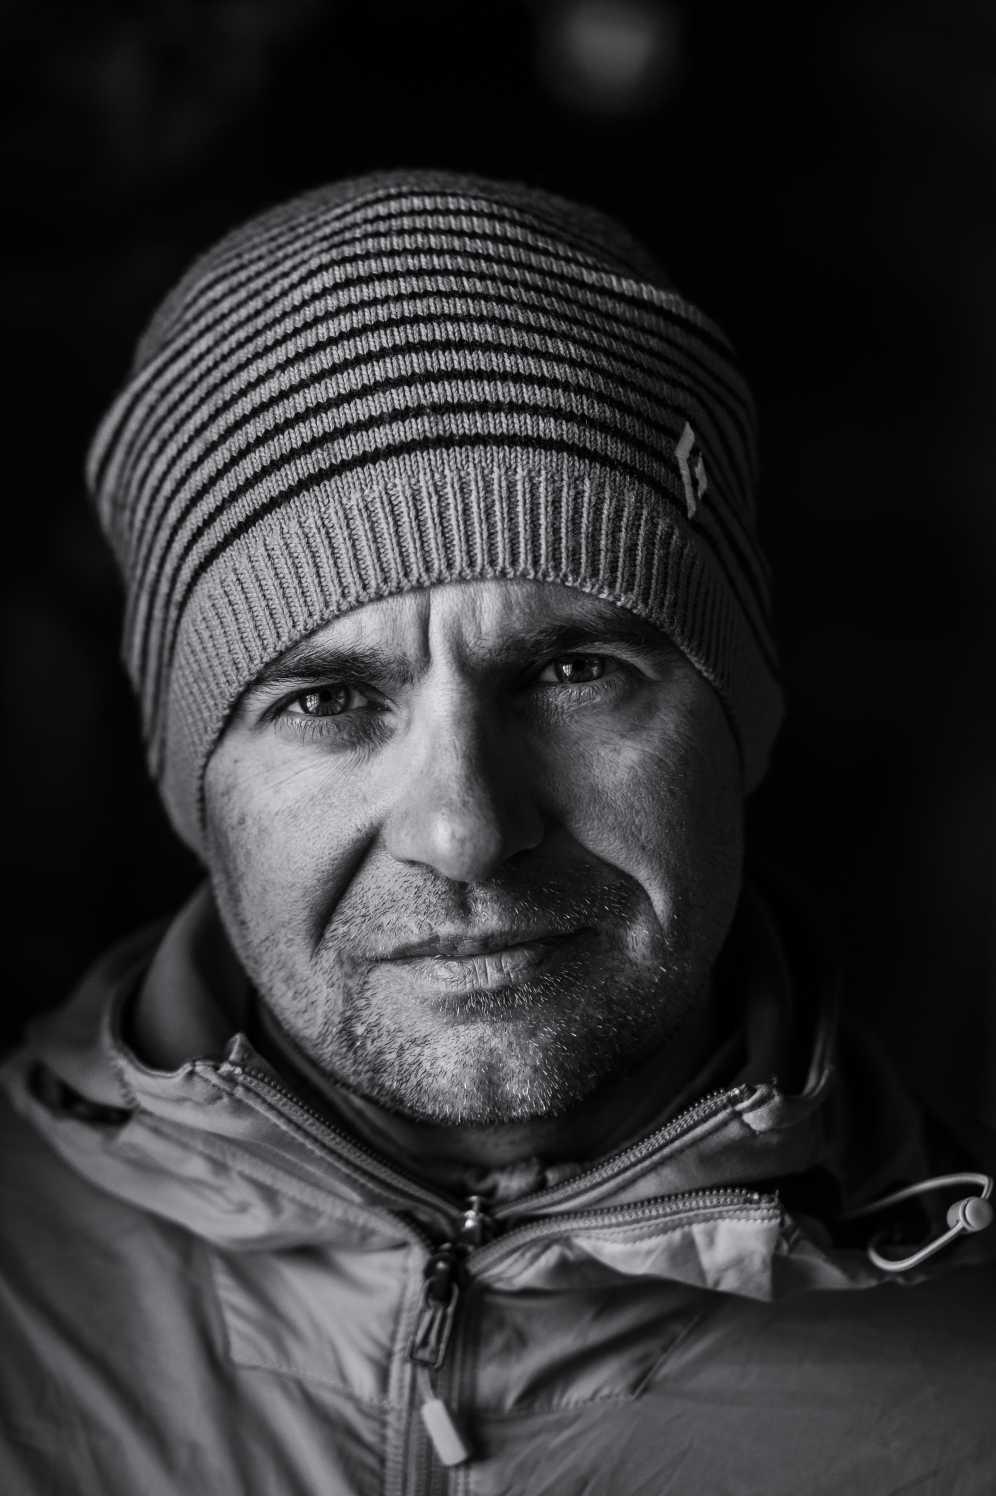 Henrik Westling/ Ostersund/ Photographer: Mattias Fredriksson